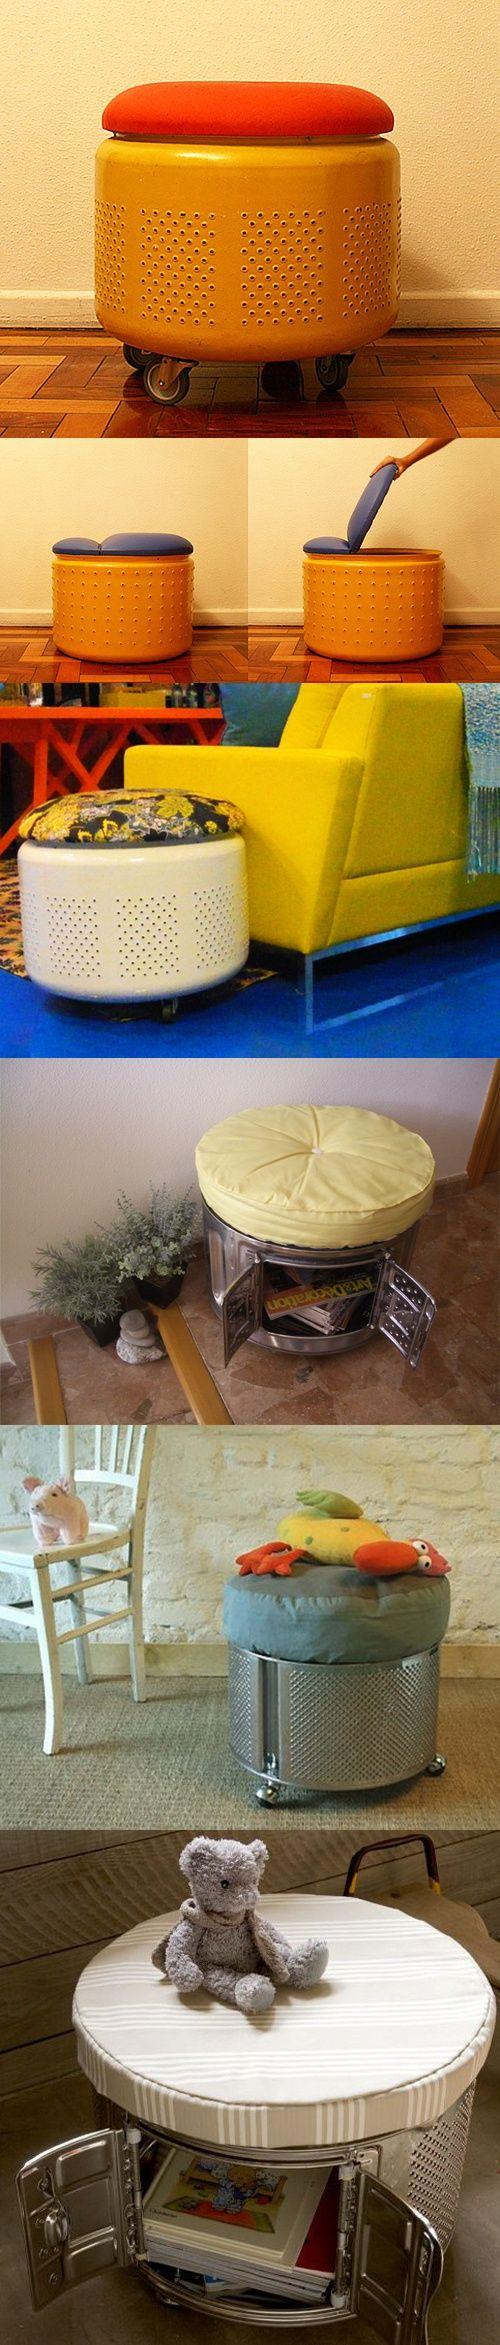 reciclar-tambor-lavadora-puf-mesita-muy-ingenioso-2